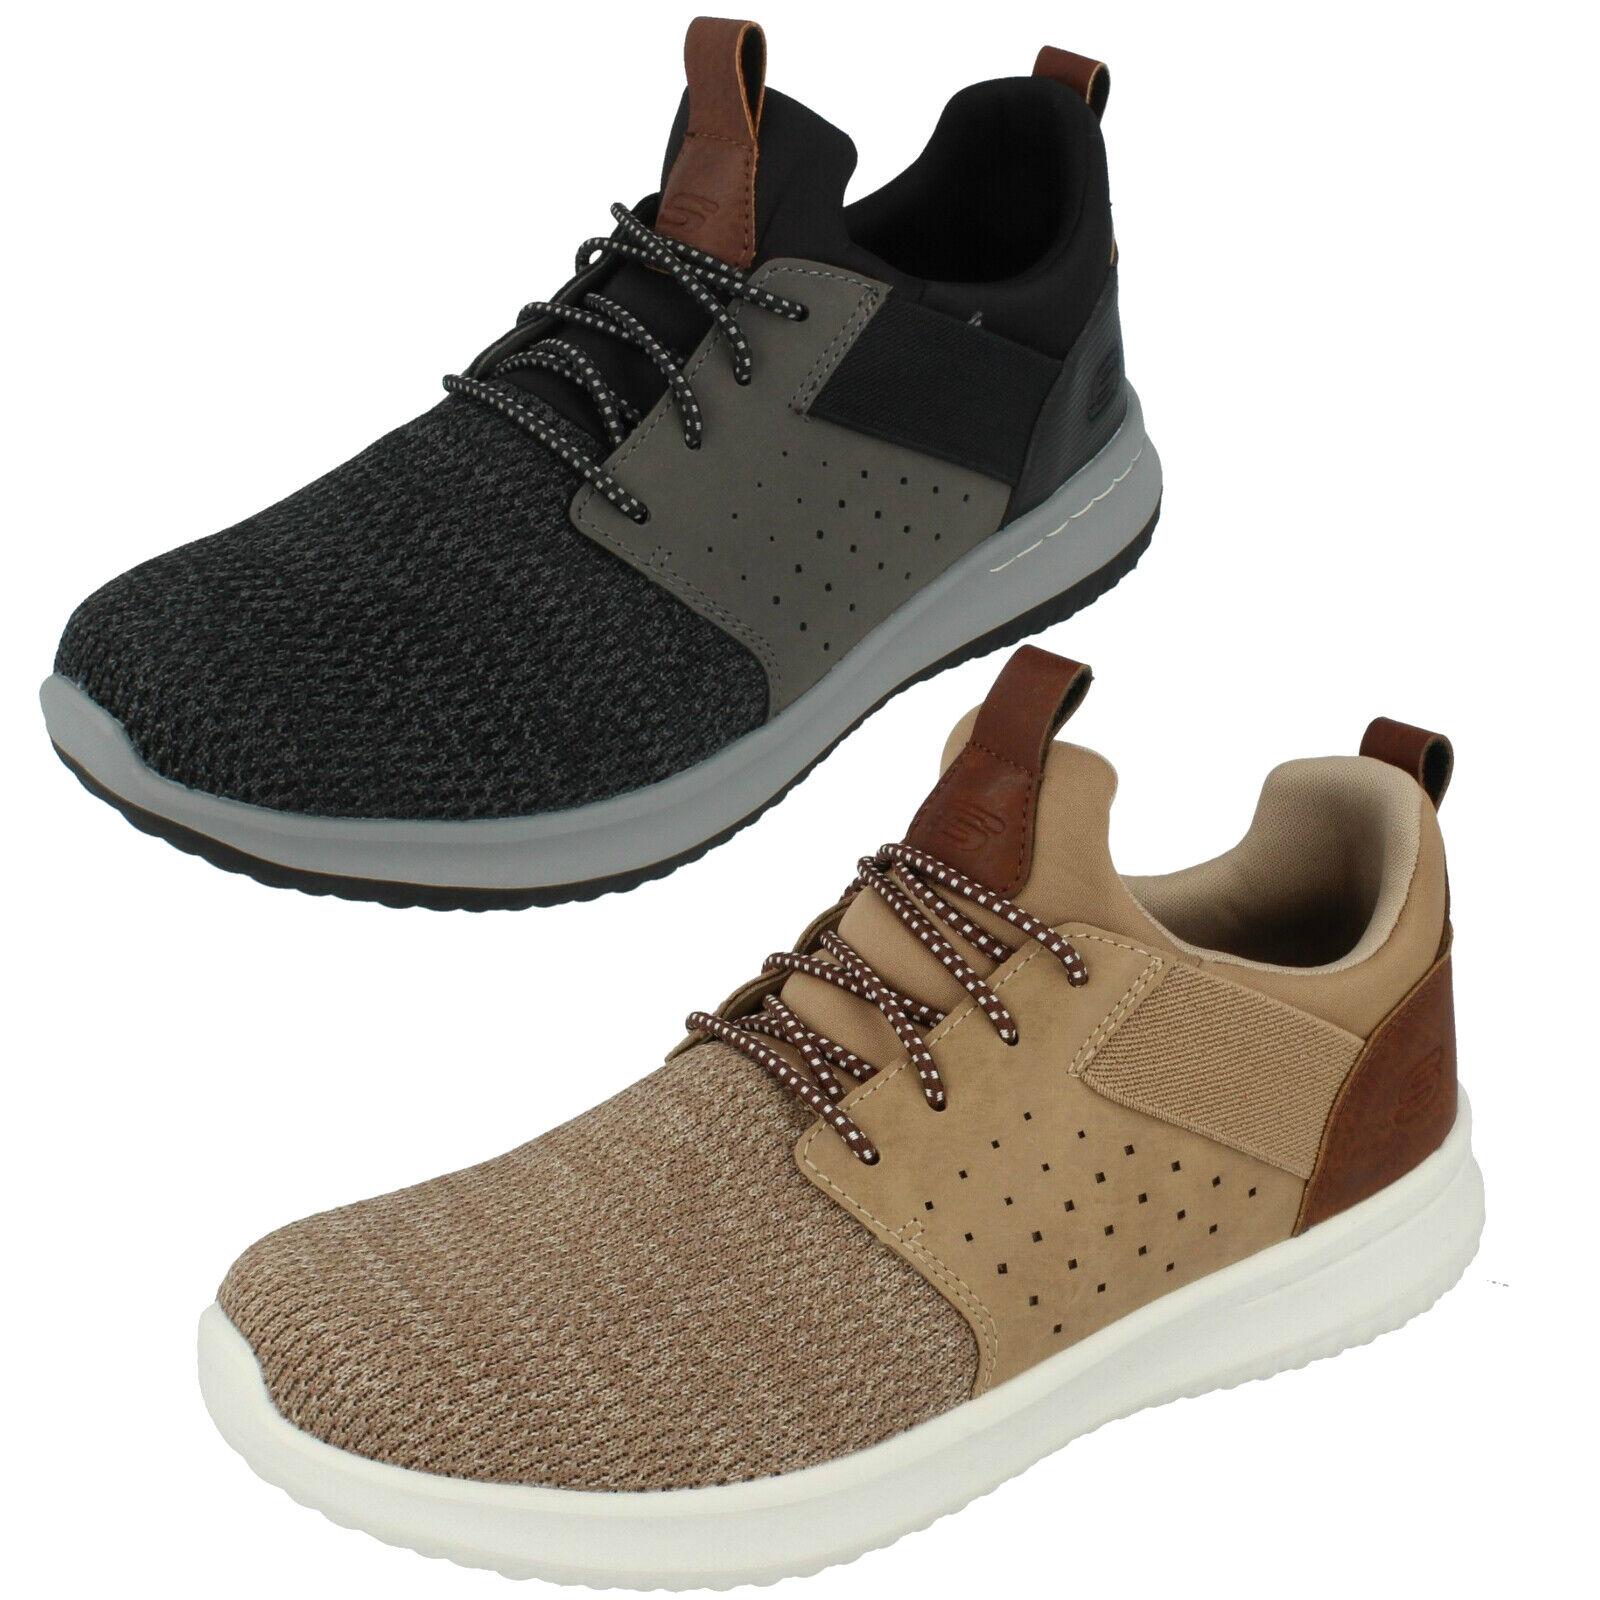 Hombre Camben 65474 sin Cordones Zapato por Skechers Corte Clásico Air Cooled